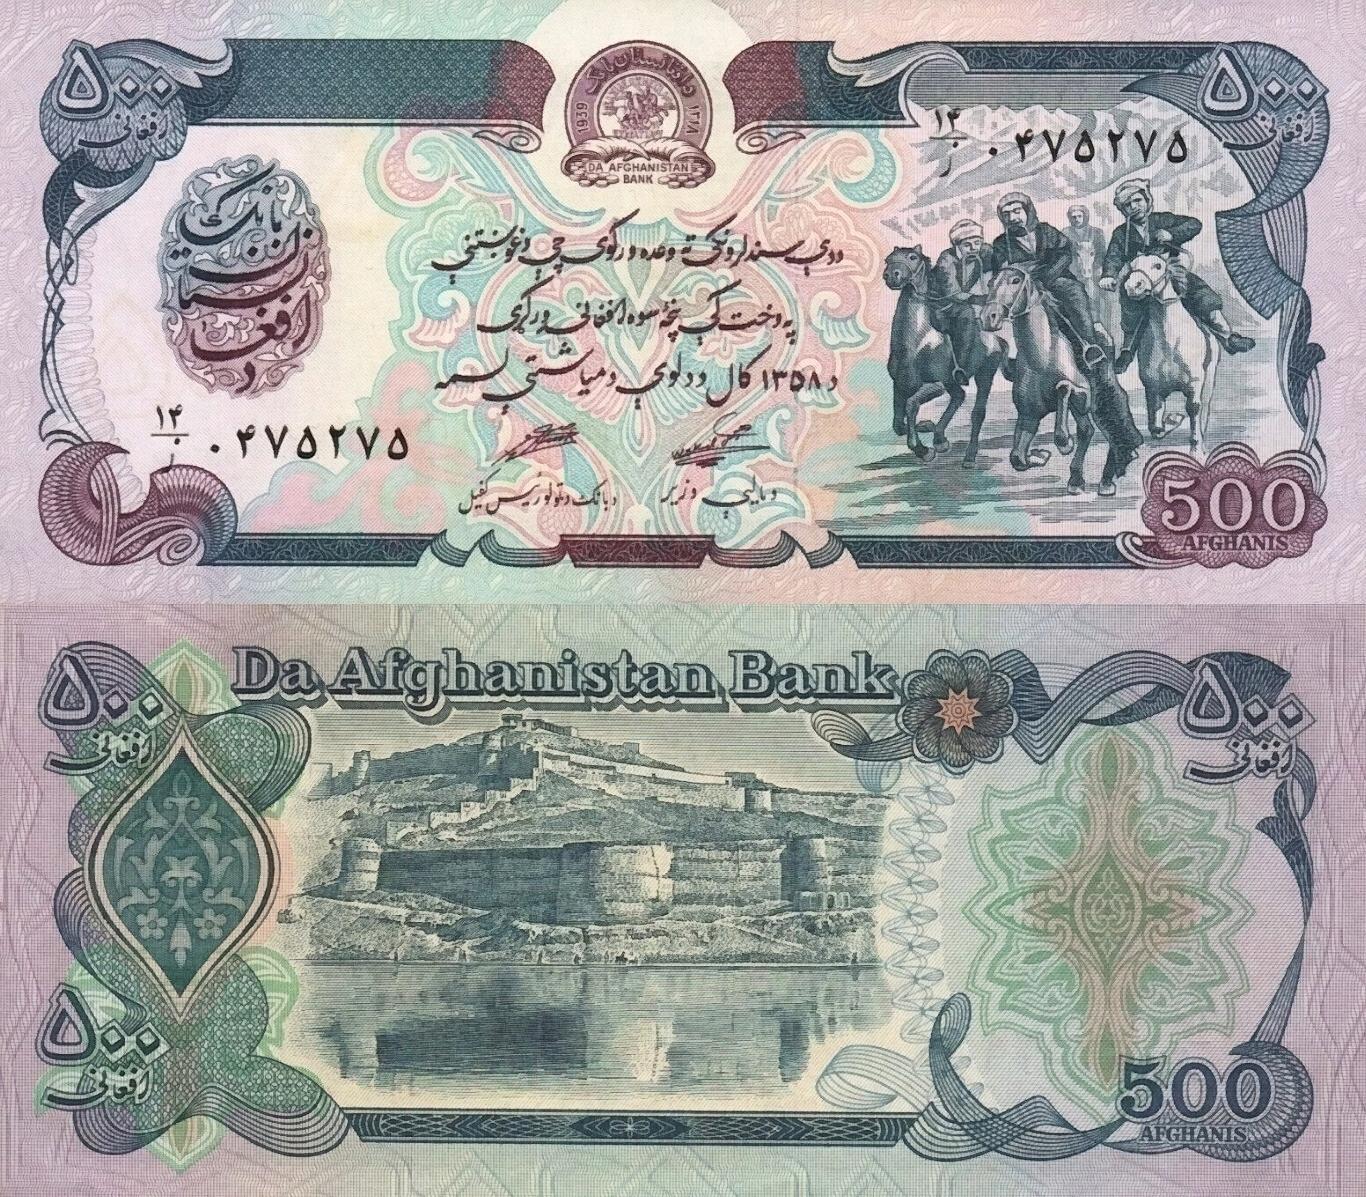 # АФГАНИСТАН - 500 афганцев - 1979 г. P59 UNC- старший